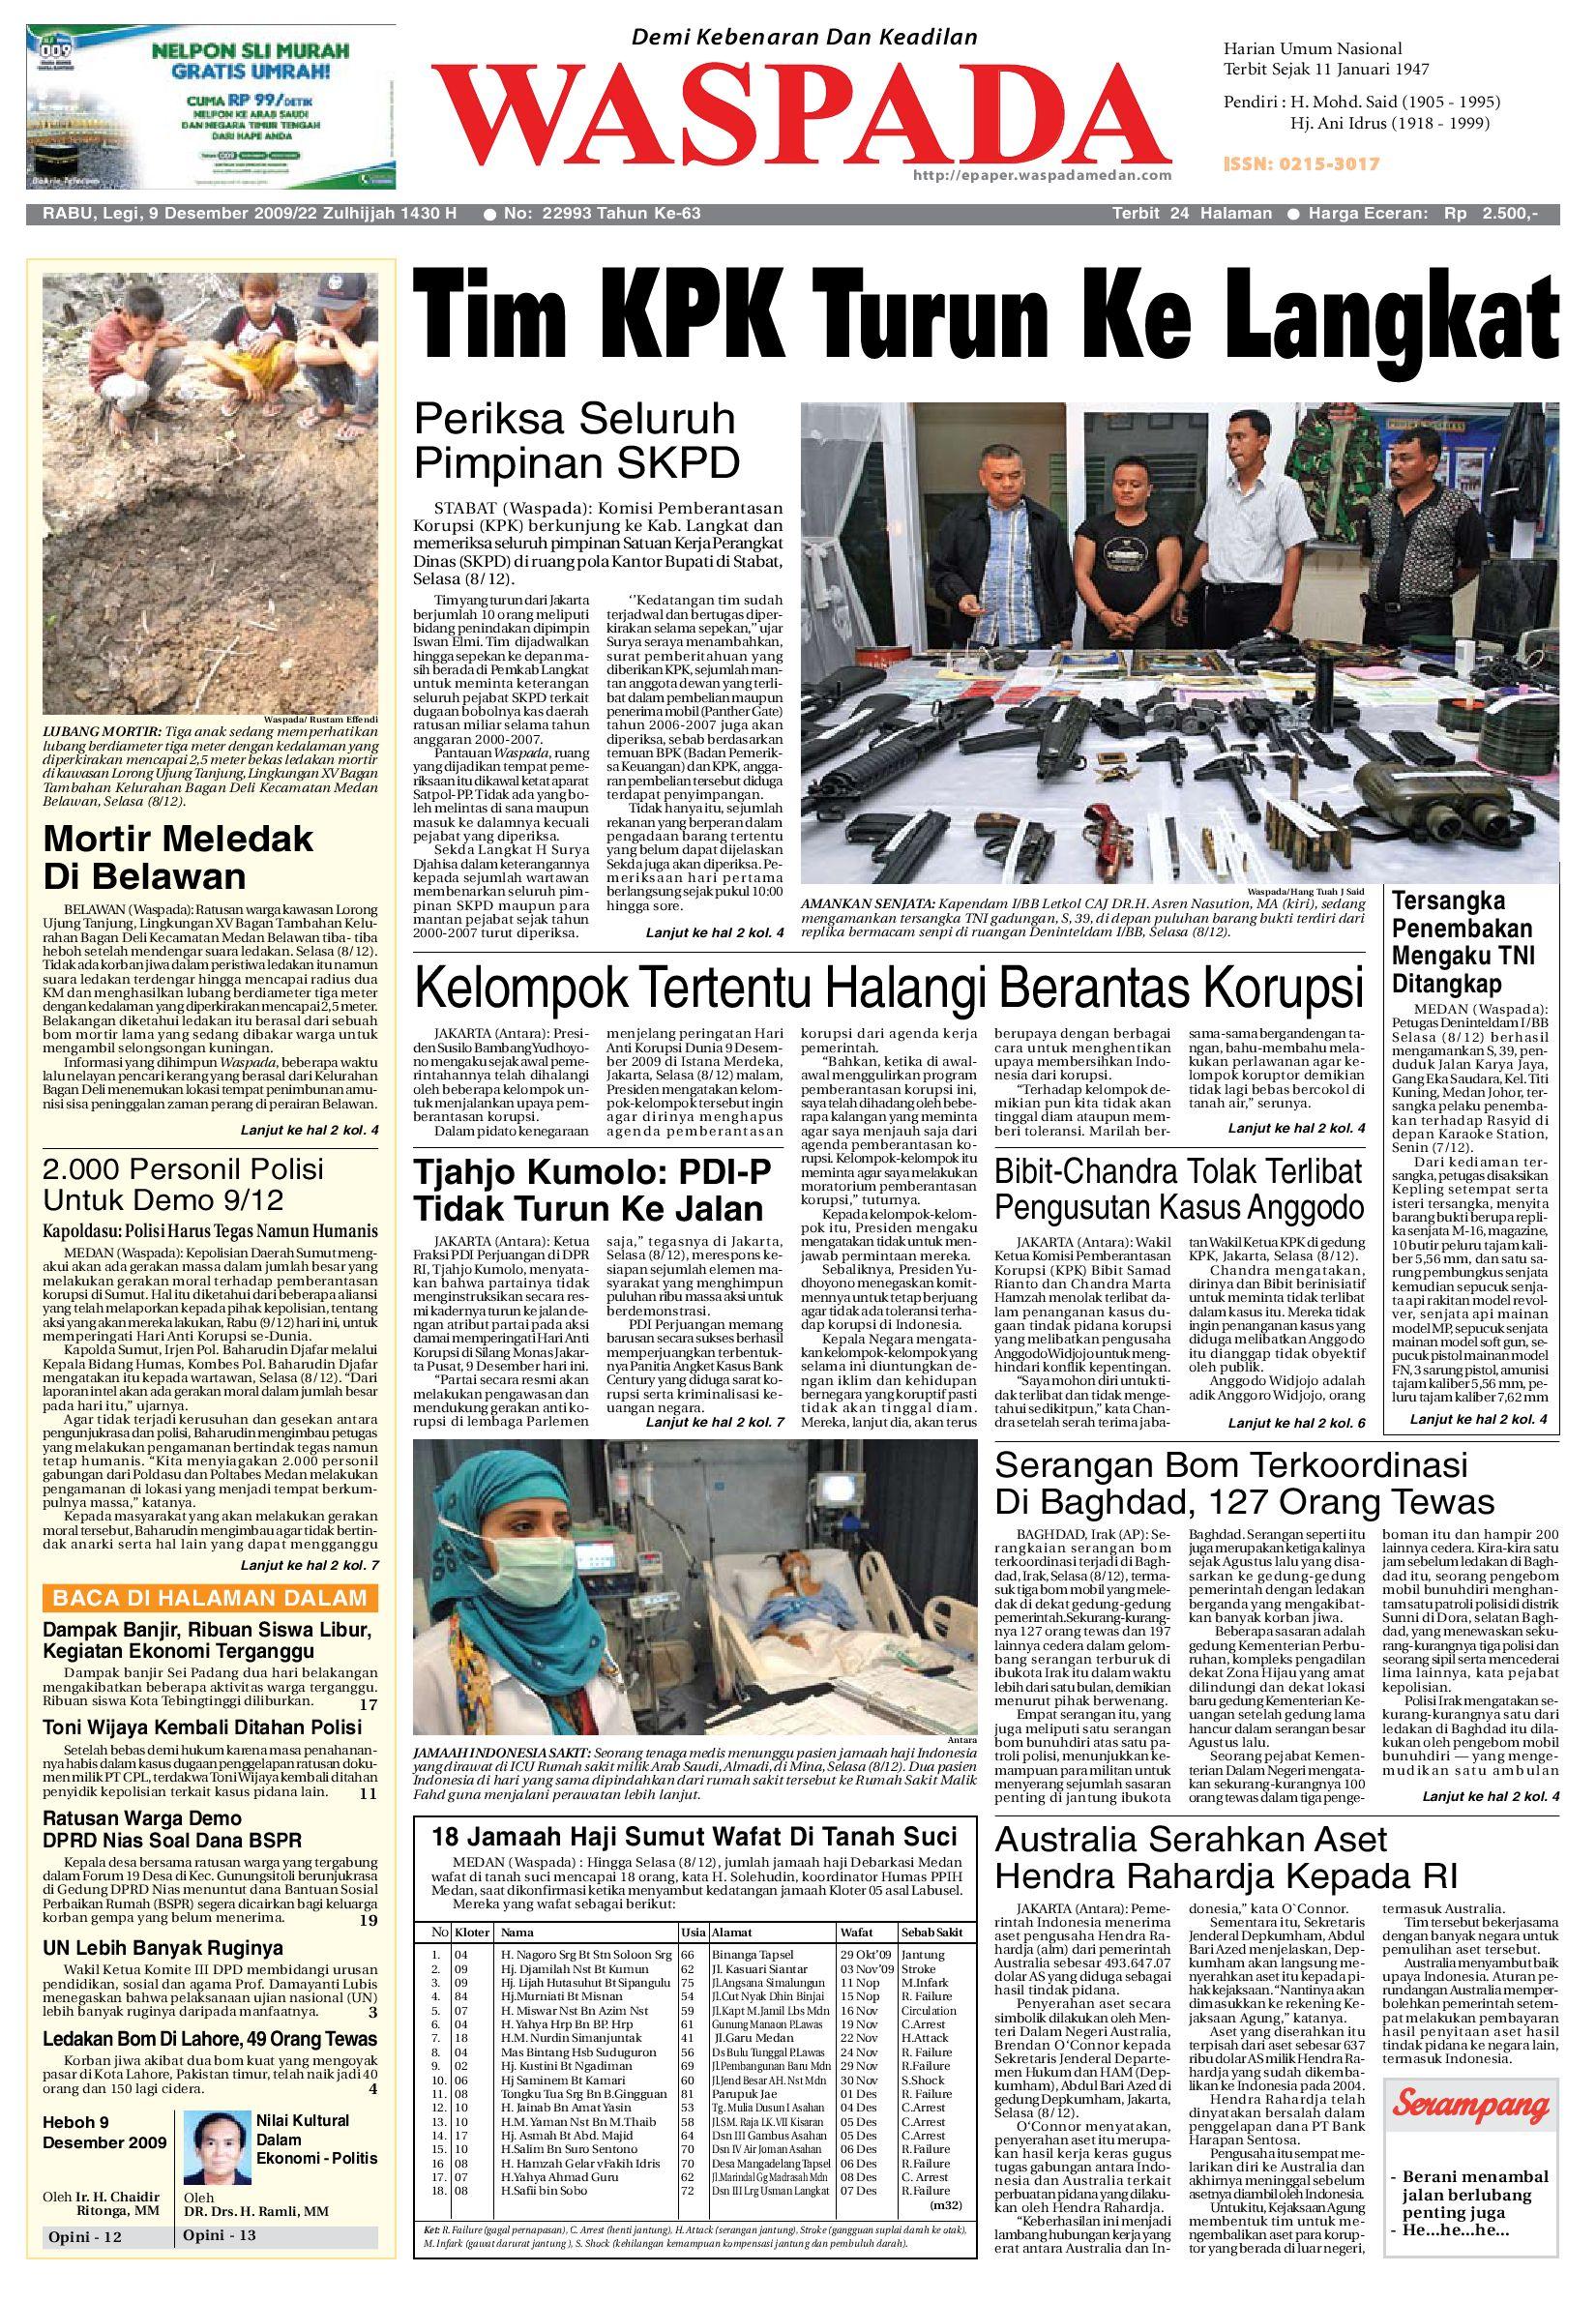 waspada rabu 9 desember 2009 by harian waspada issuu  ungu religi 2008 chevrolet.php #12